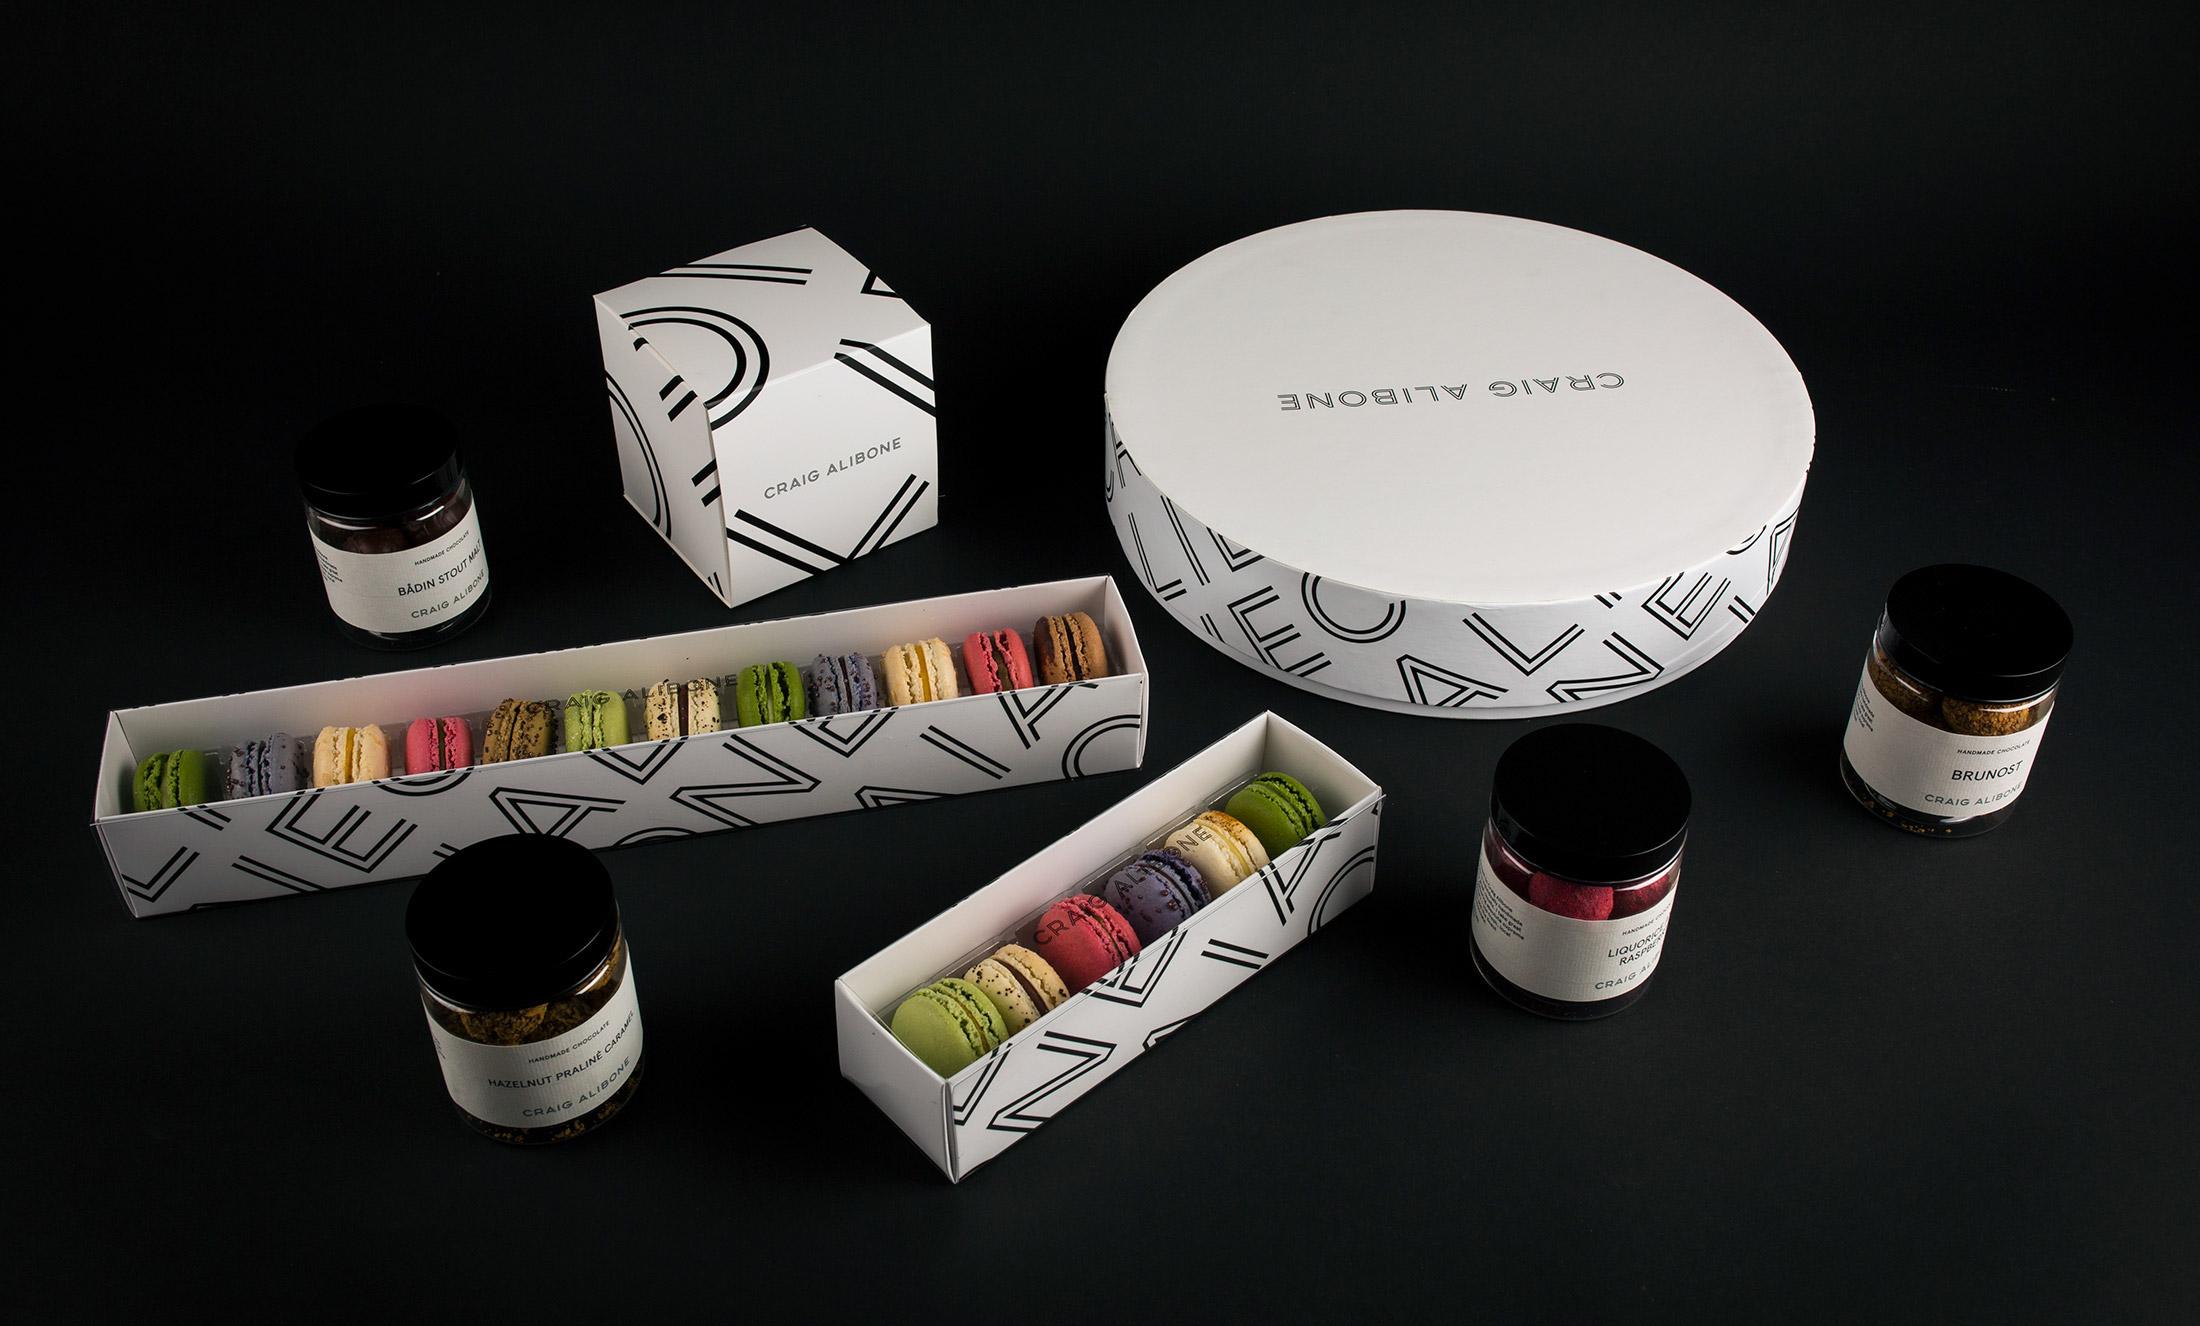 Craig Alibone Chocolate 品牌推广插图(4)